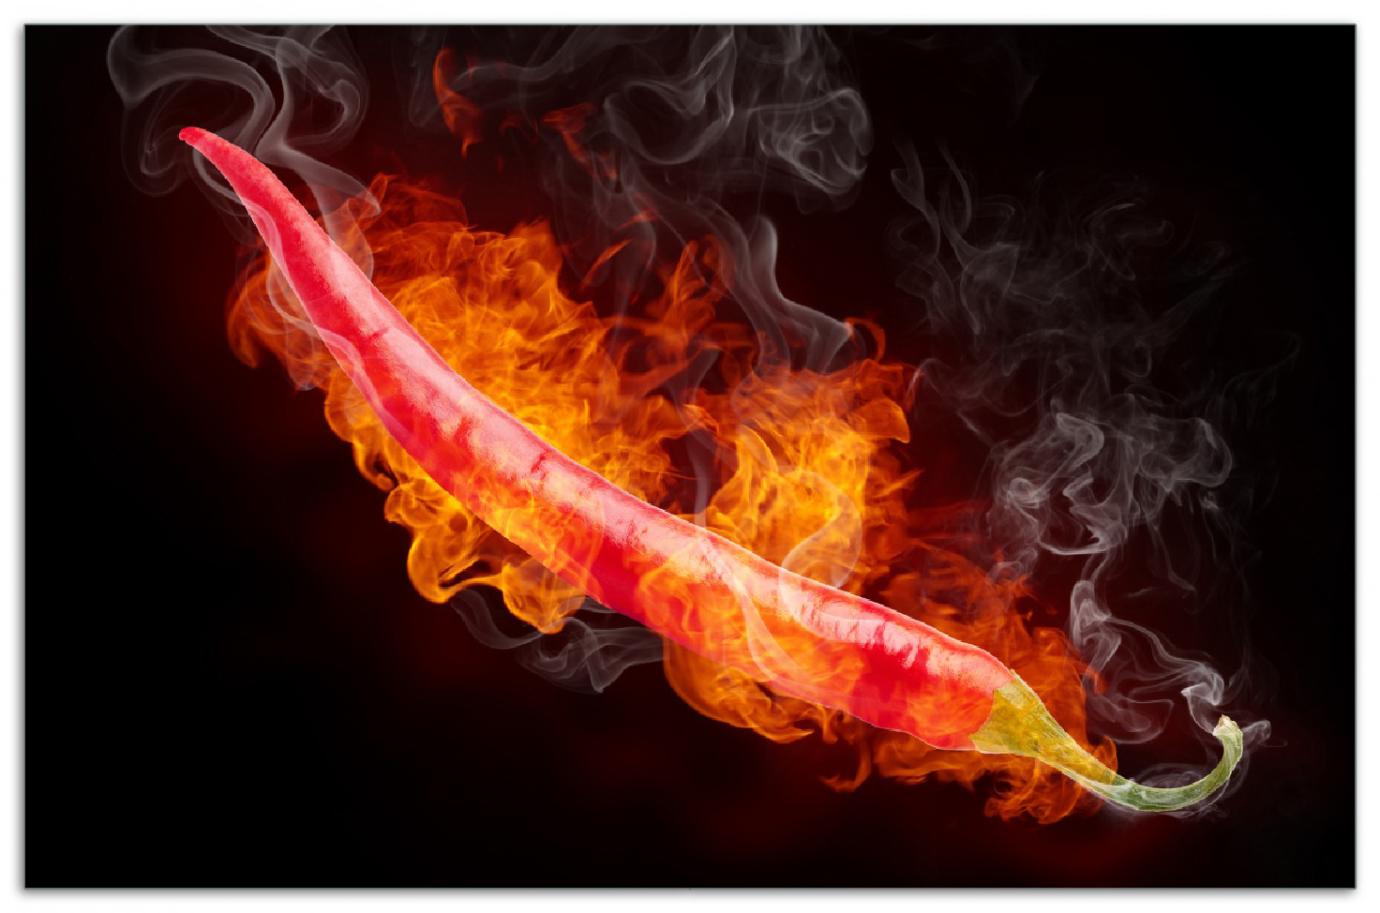 Herdabdeckplatte Heiße, brennende Chili-Schote vor schwarzem Hintergrund – Bild 1